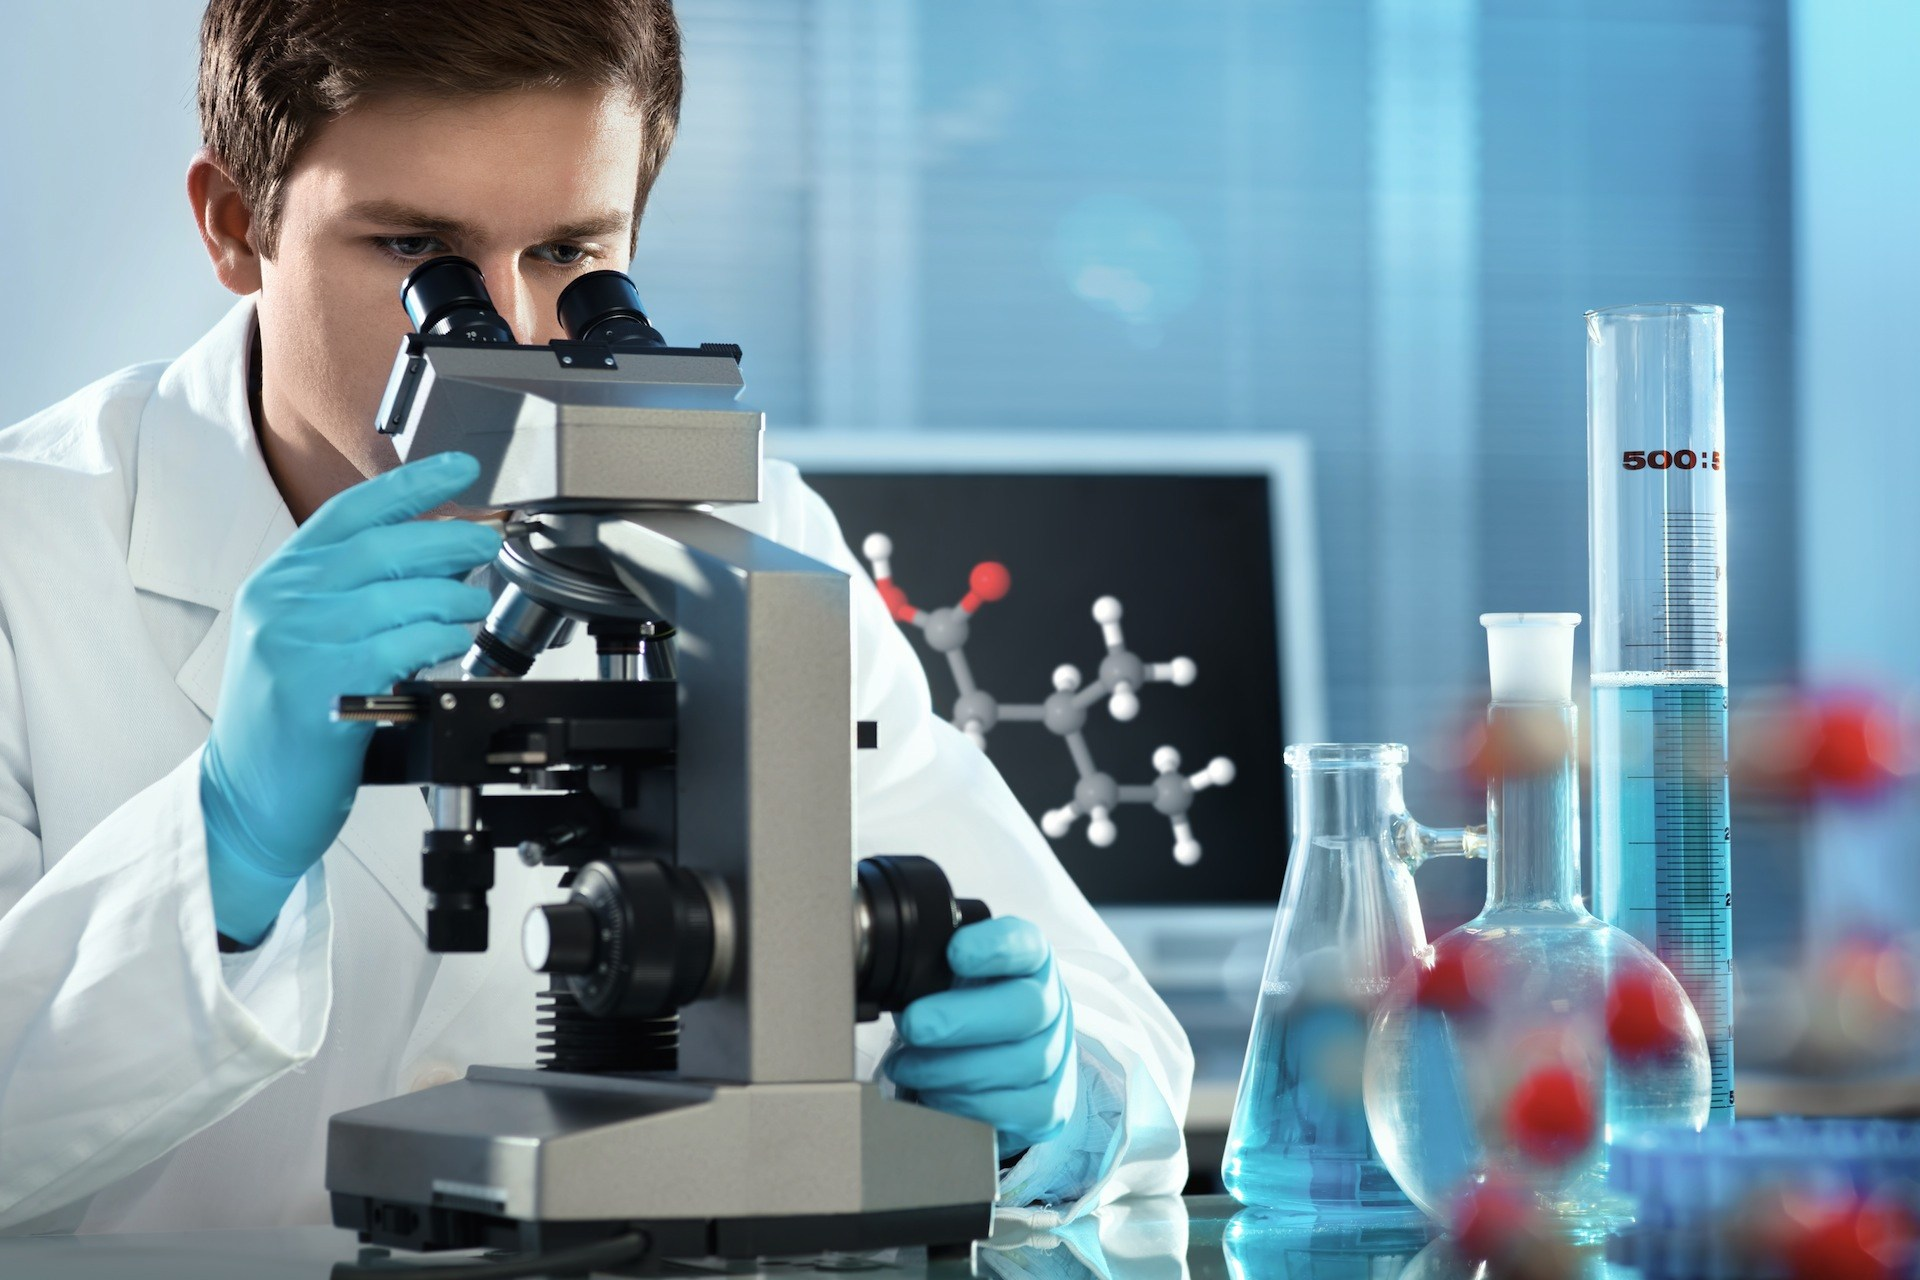 Американские ученые создадут искусственную кожу в военных целях